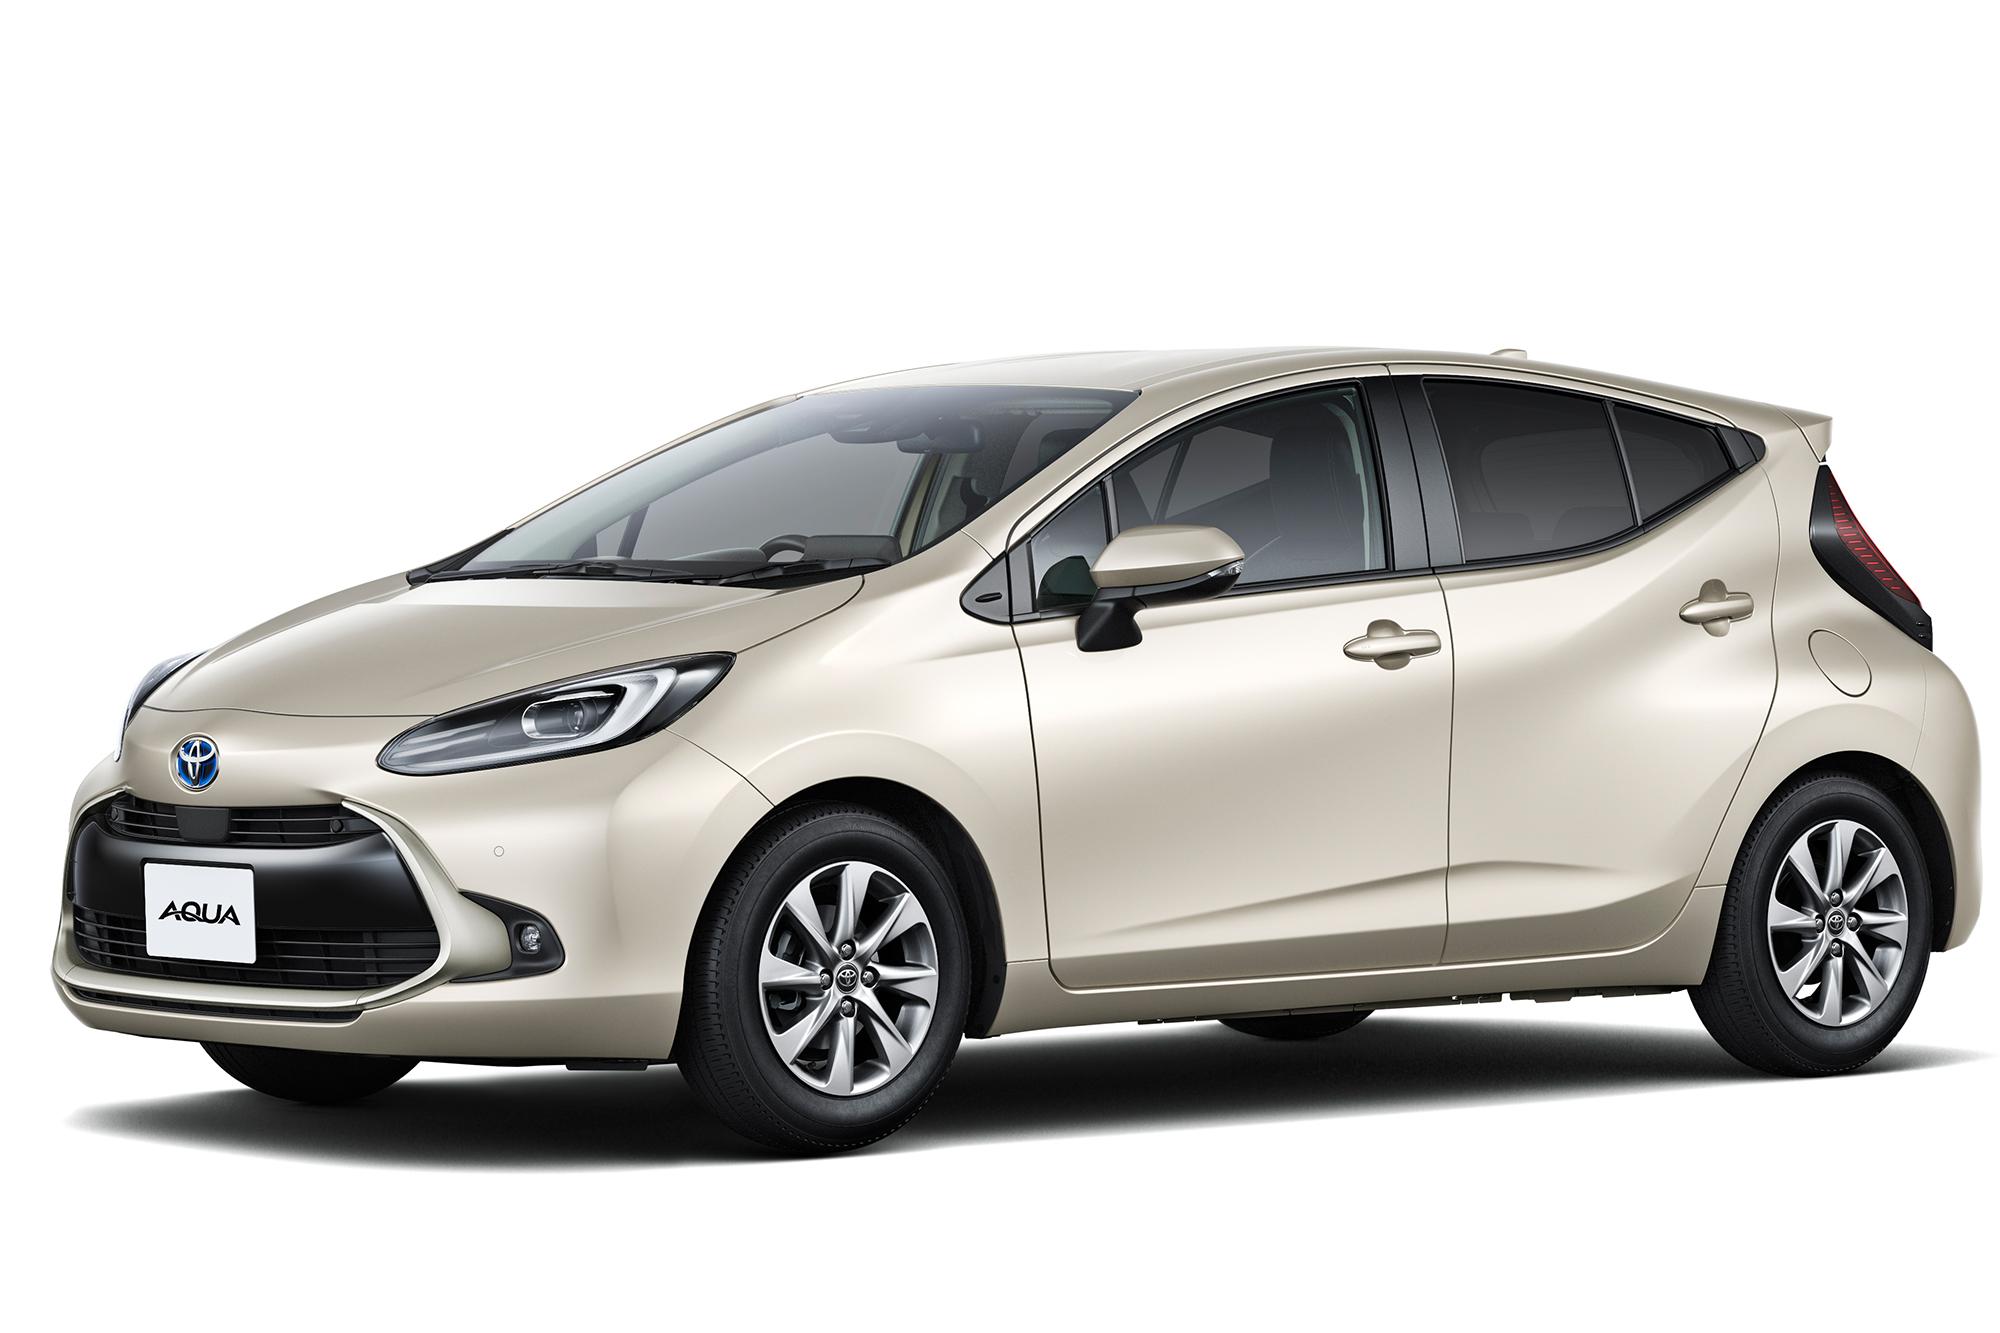 Toyota aqua japones